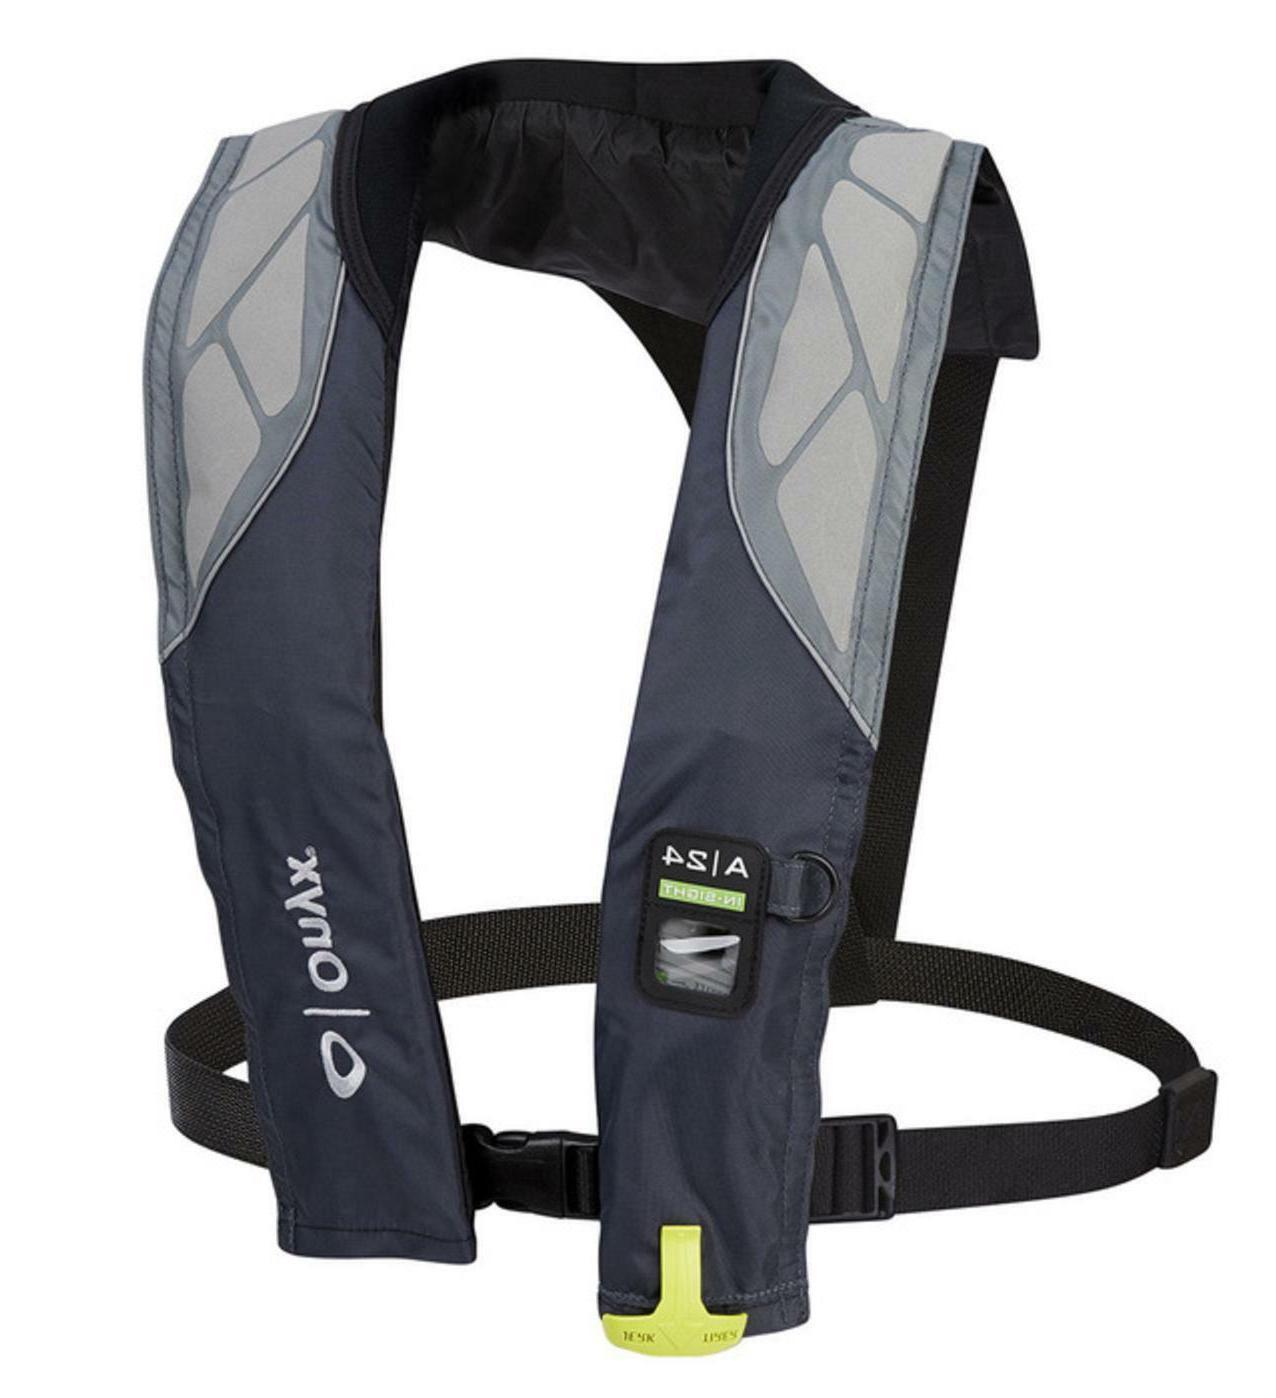 Onyx 133200-701-004-18 A-24 Vest